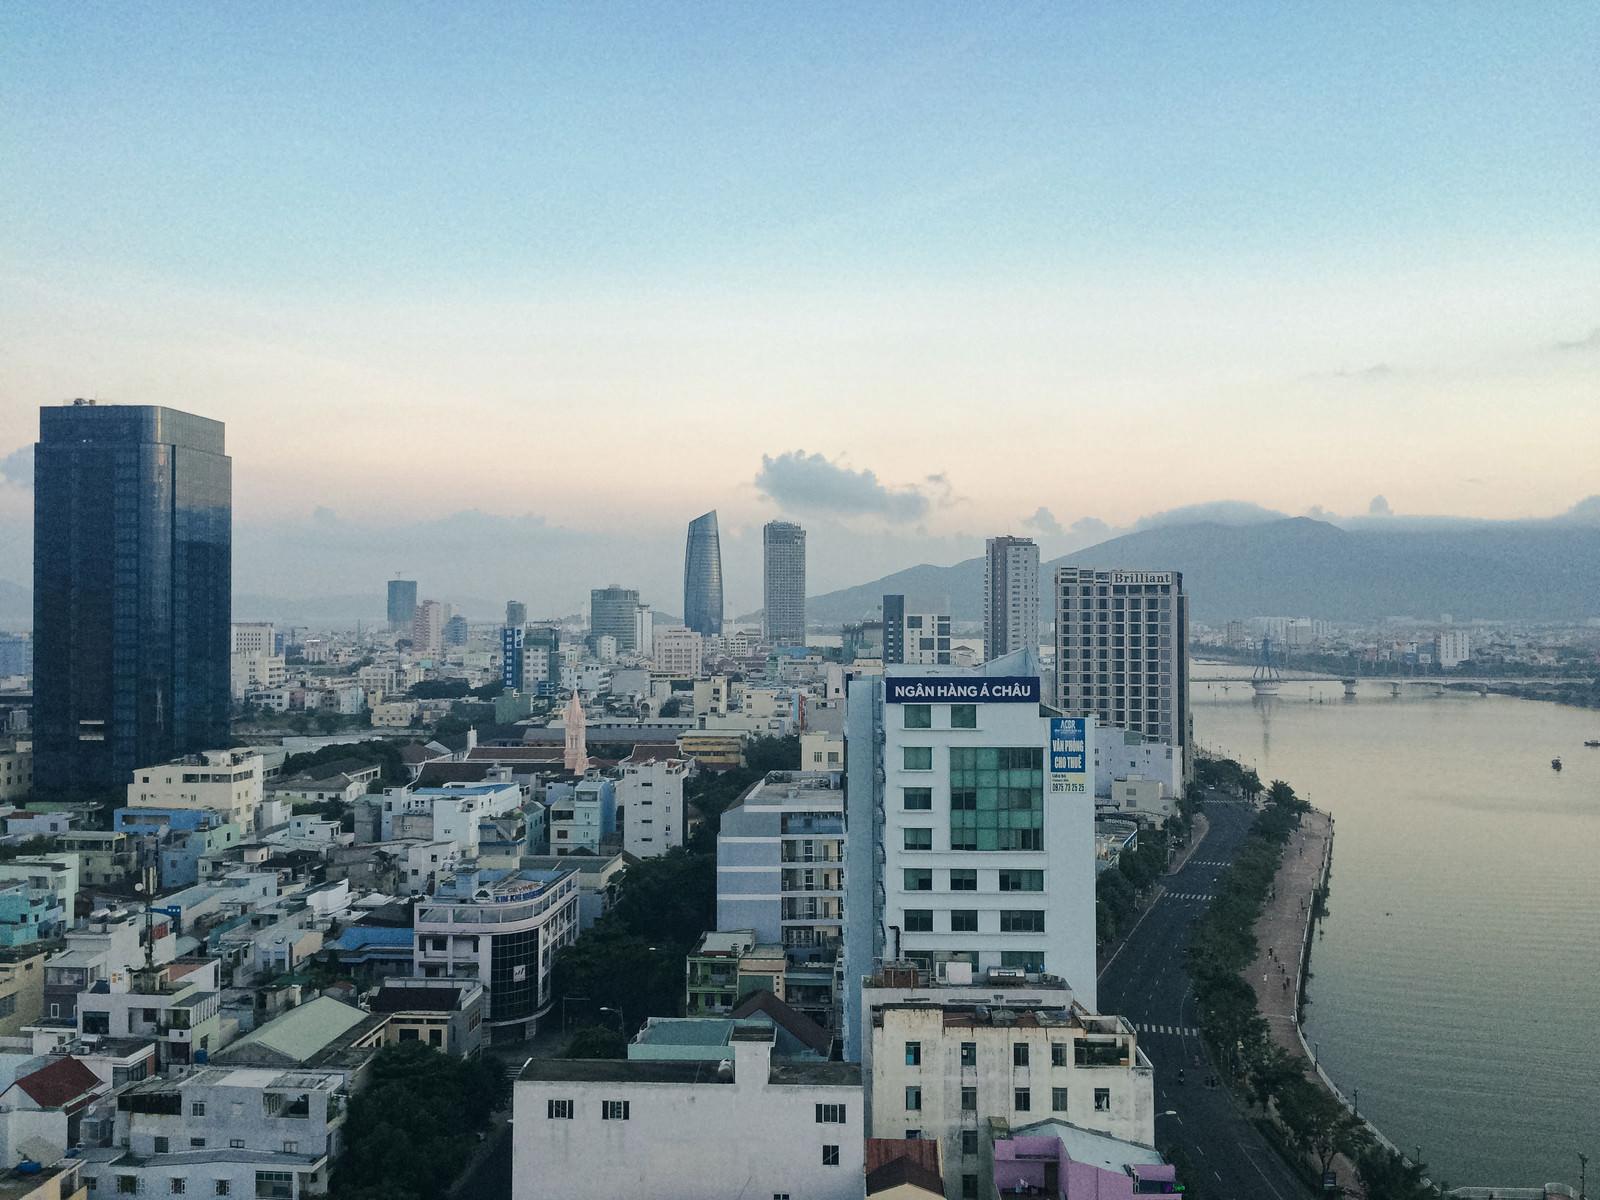 「一望するダナンのビル群(ベトナム)」の写真